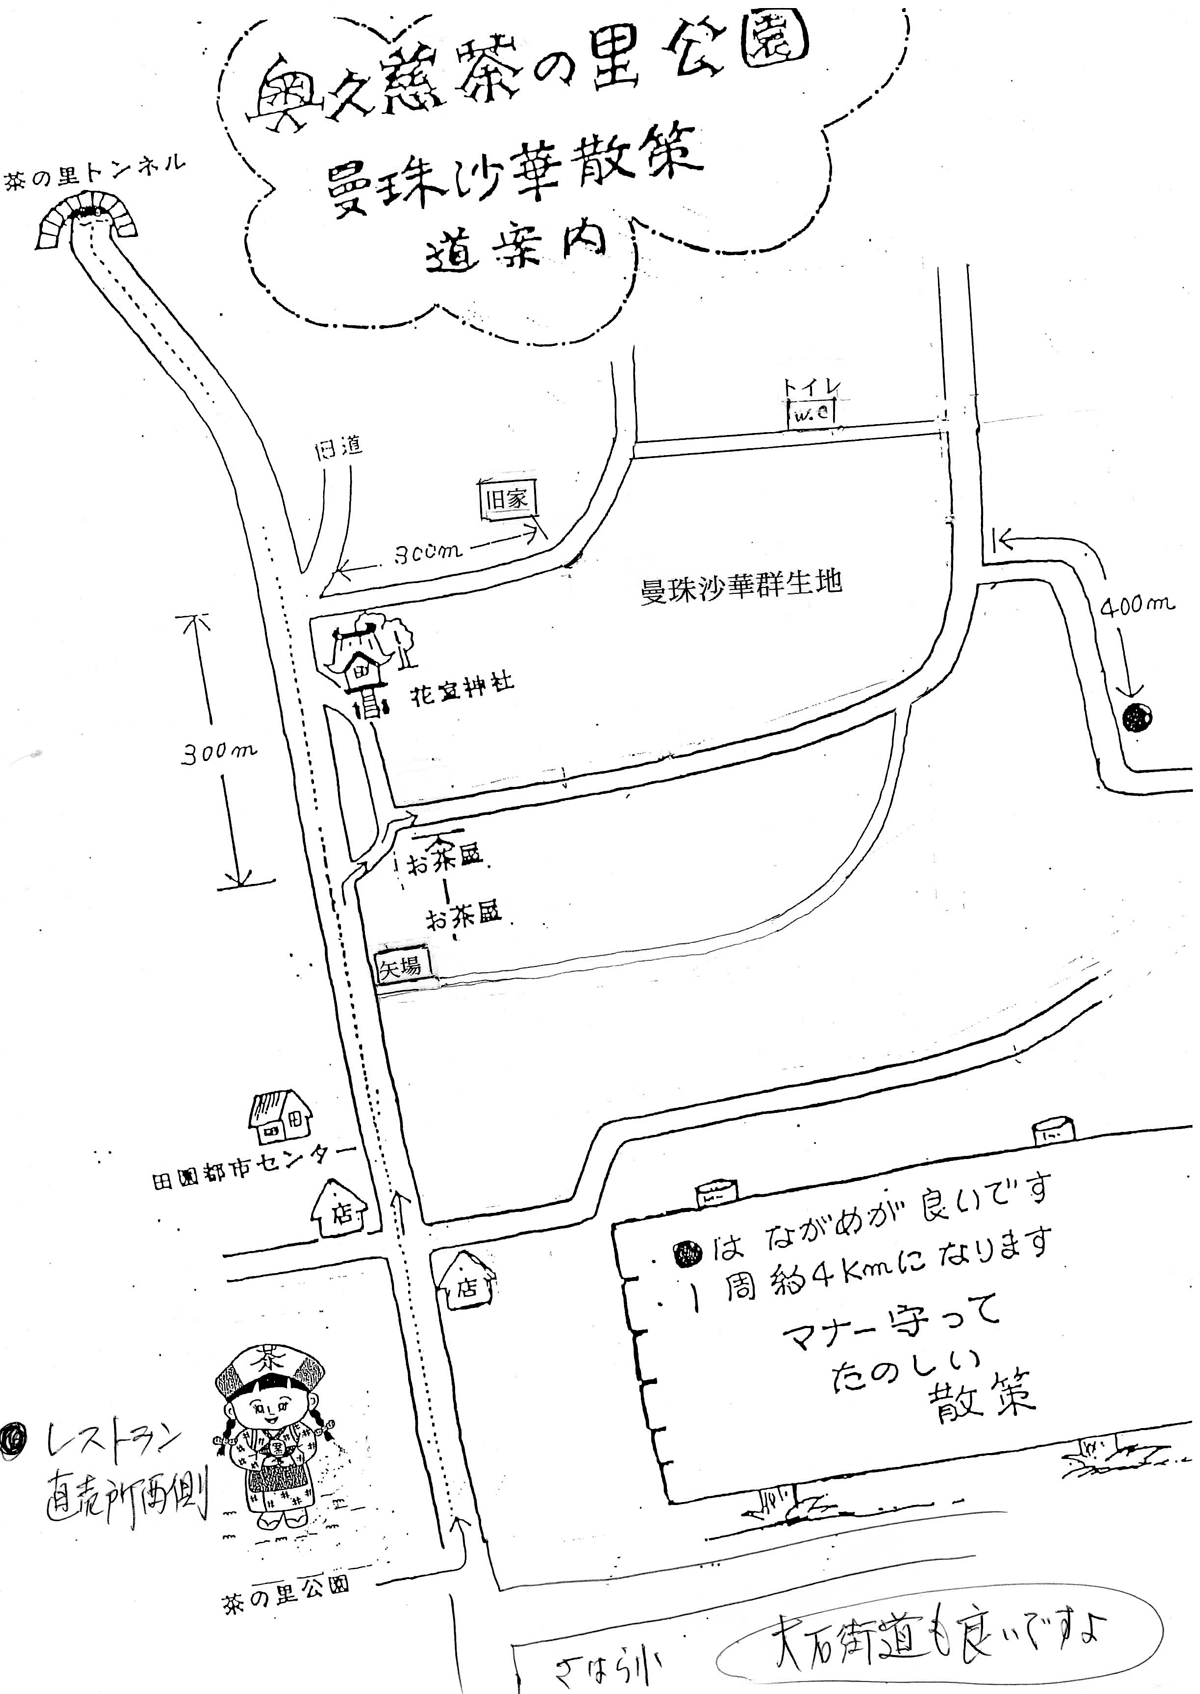 曼珠沙華散策マップ